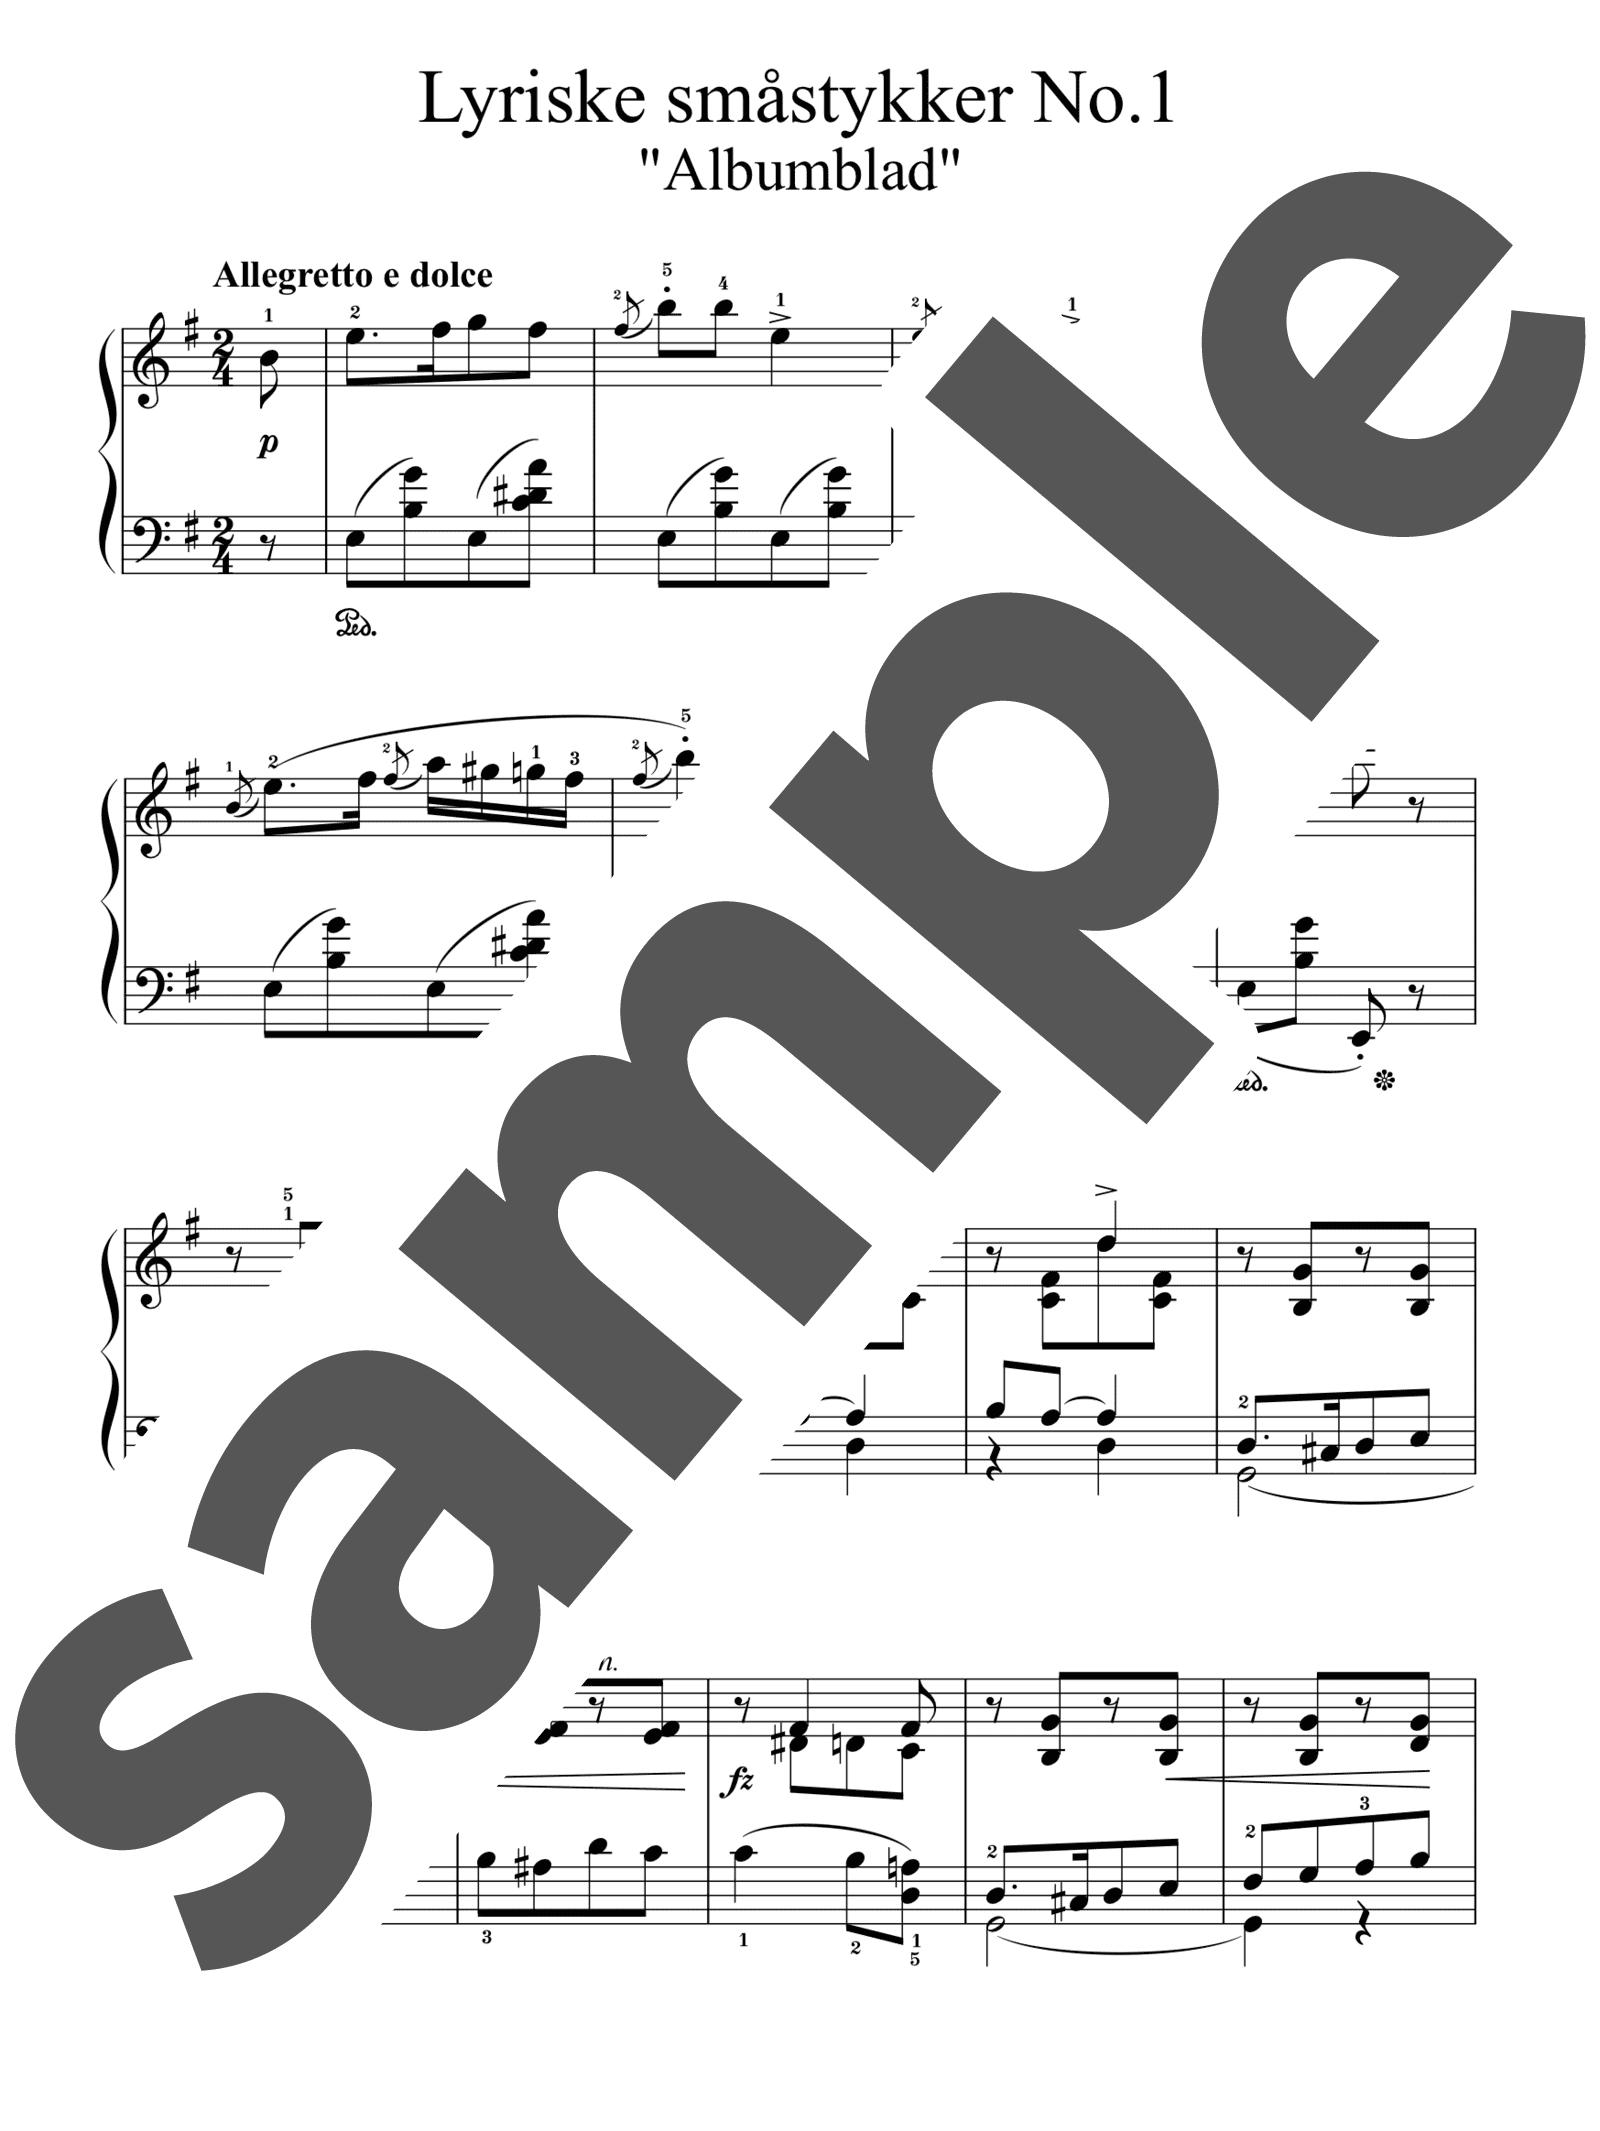 「アルバムの綴り」のサンプル楽譜